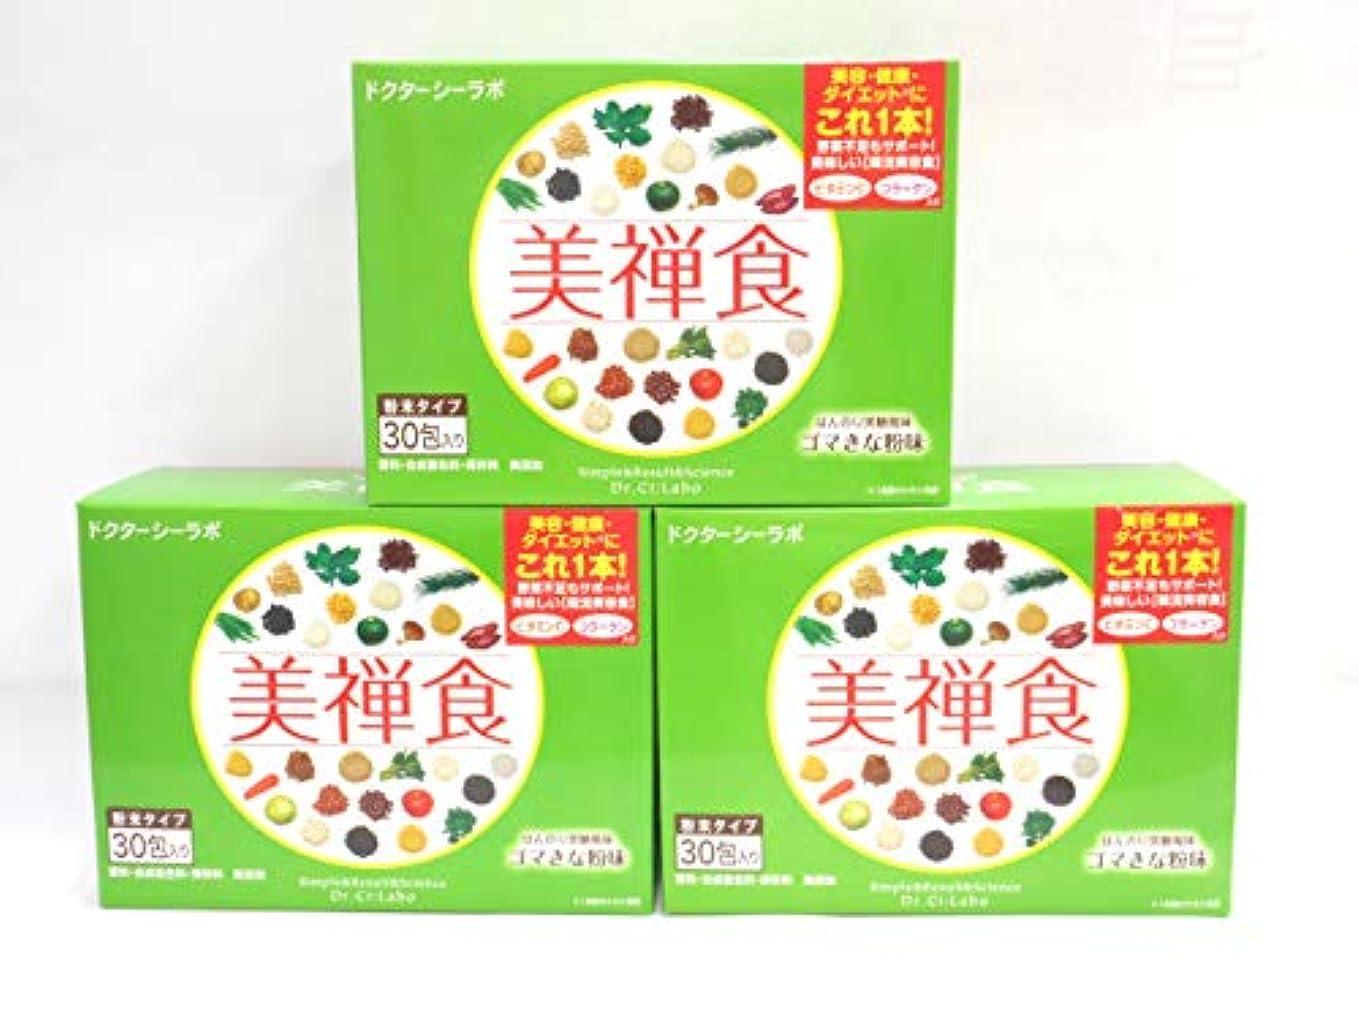 場所リーダーシップ隠すドクターシーラボ 美禅食 (15.4g×30包) 3箱セット